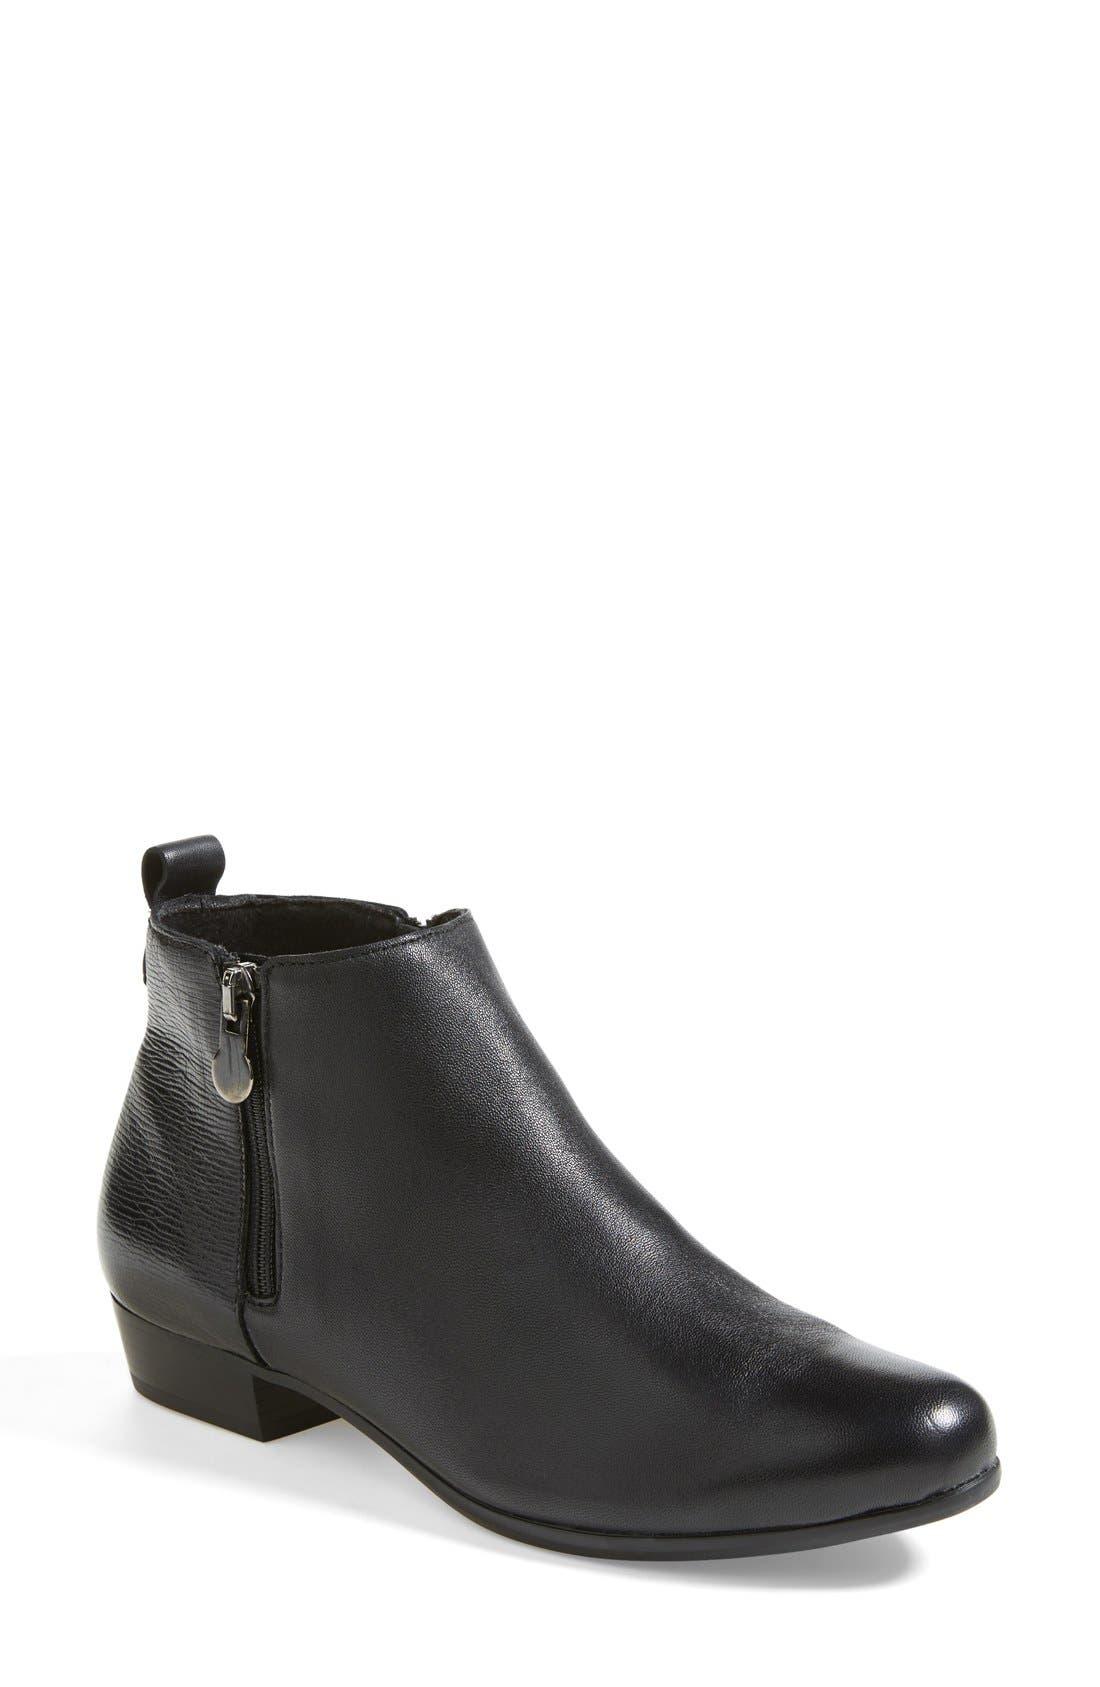 Main Image - Munro 'Lexi' Boot (Women)